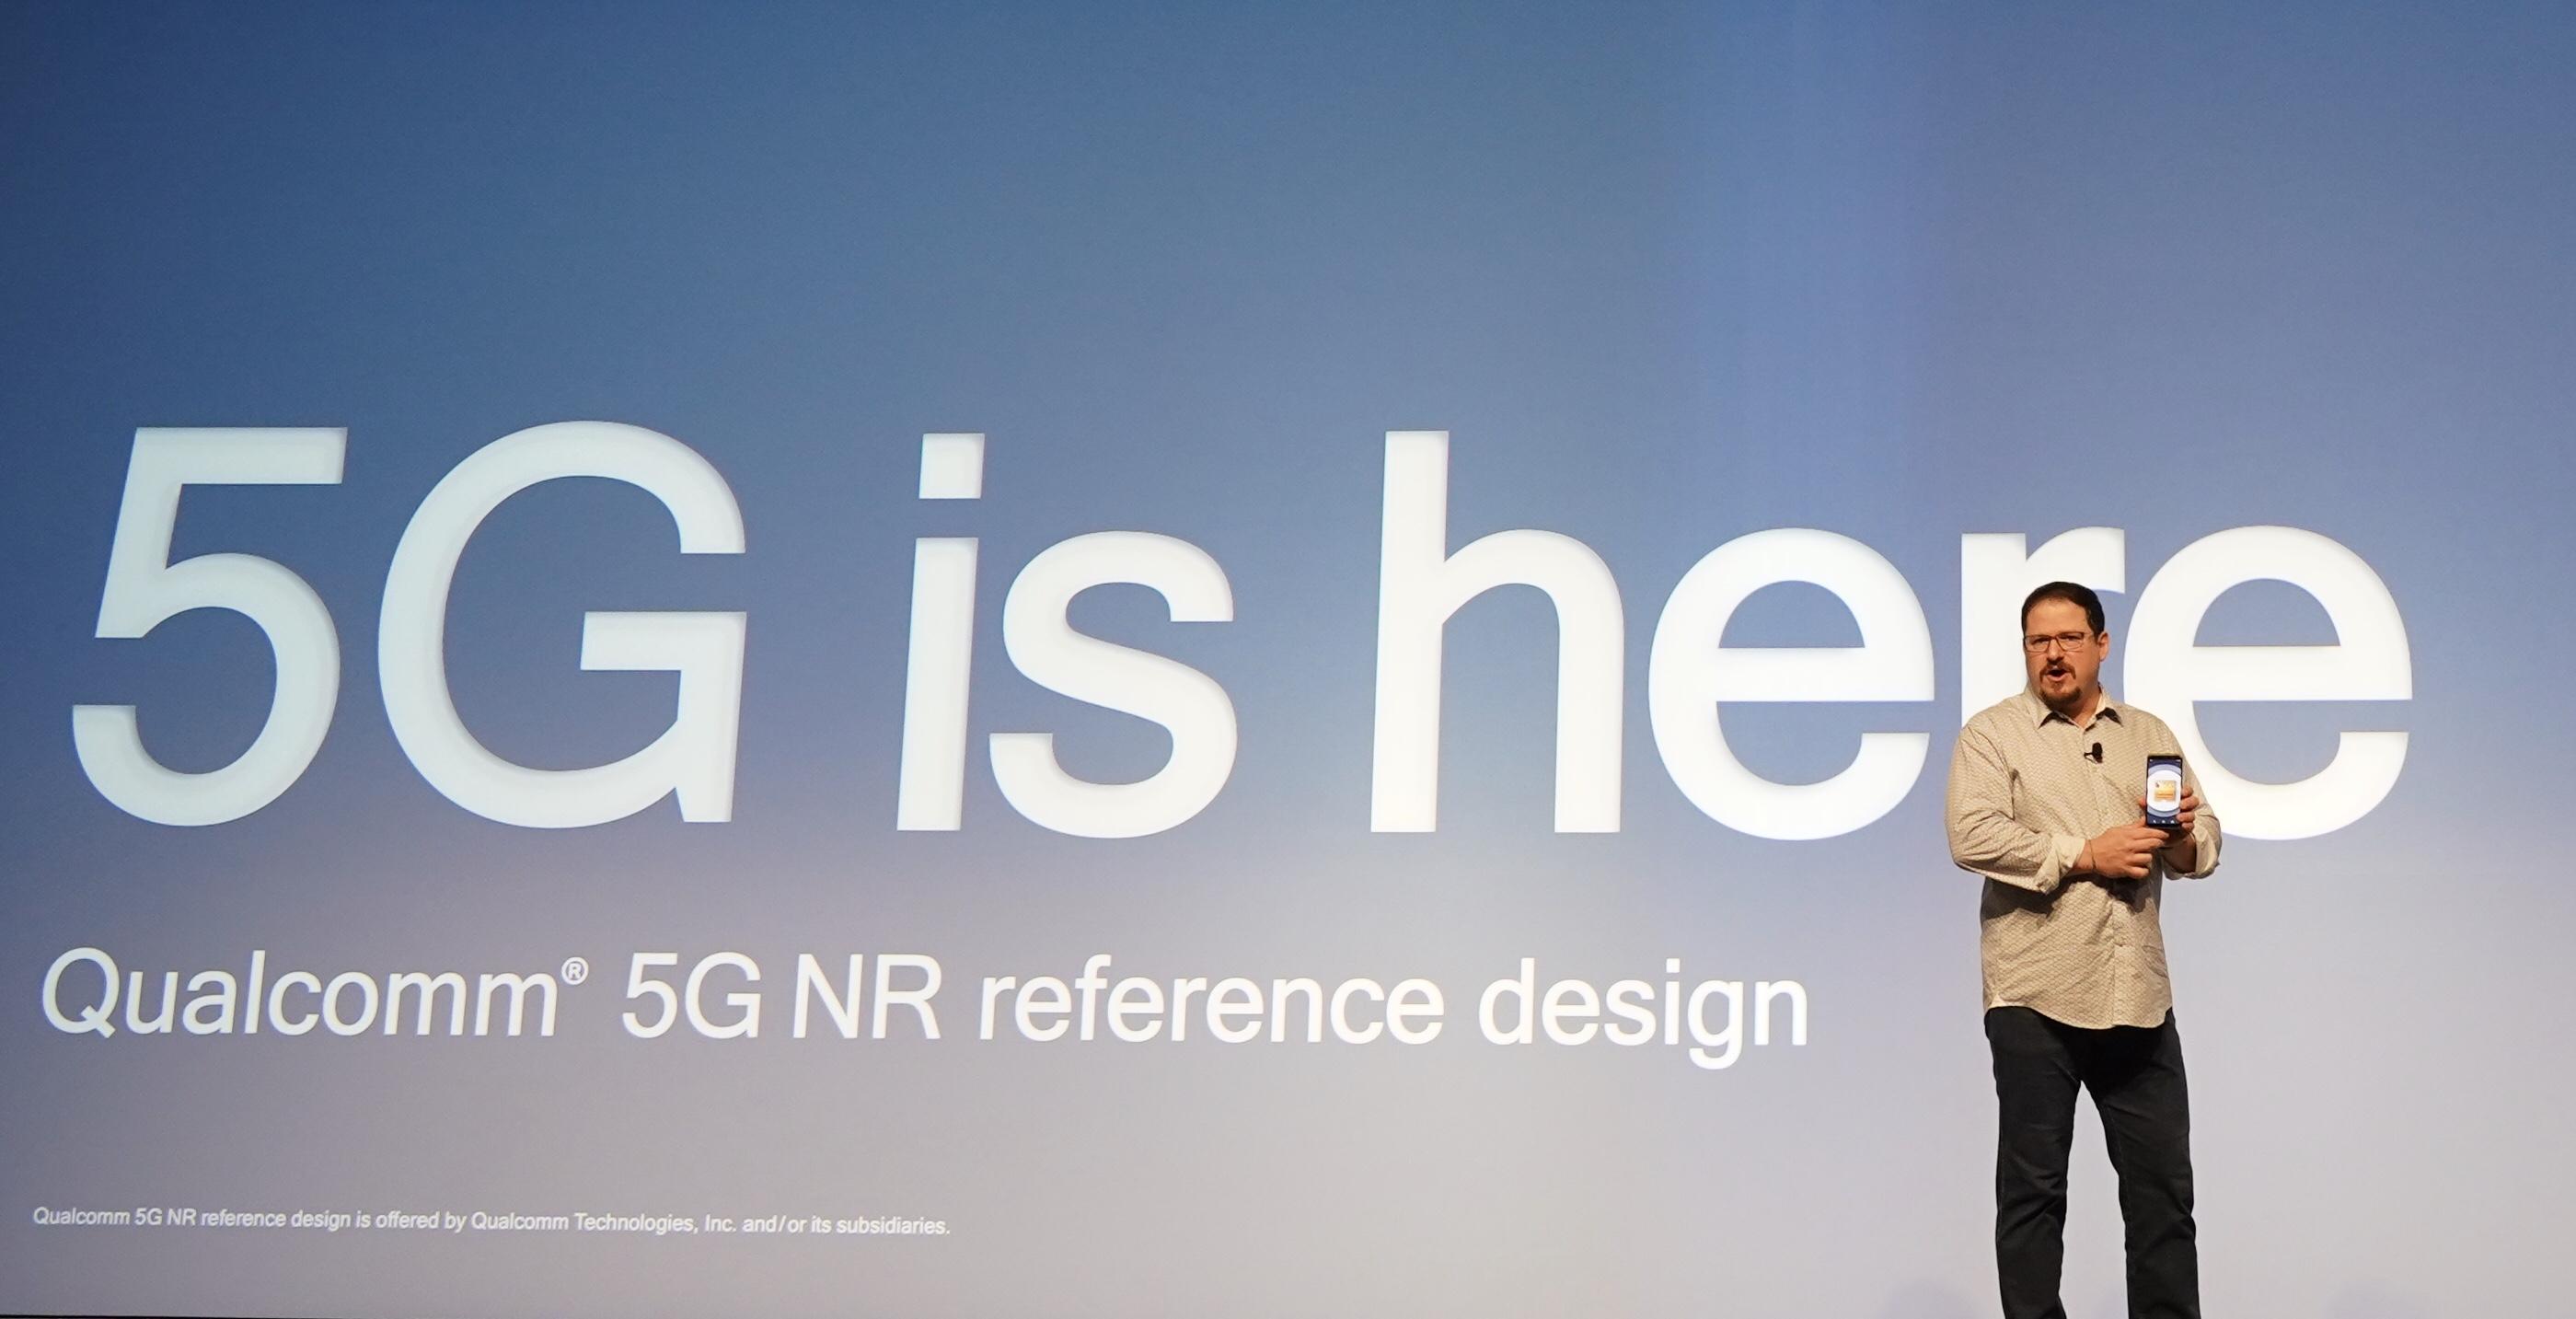 高通发布骁龙855平台 与全球移动运营商探讨5G部署